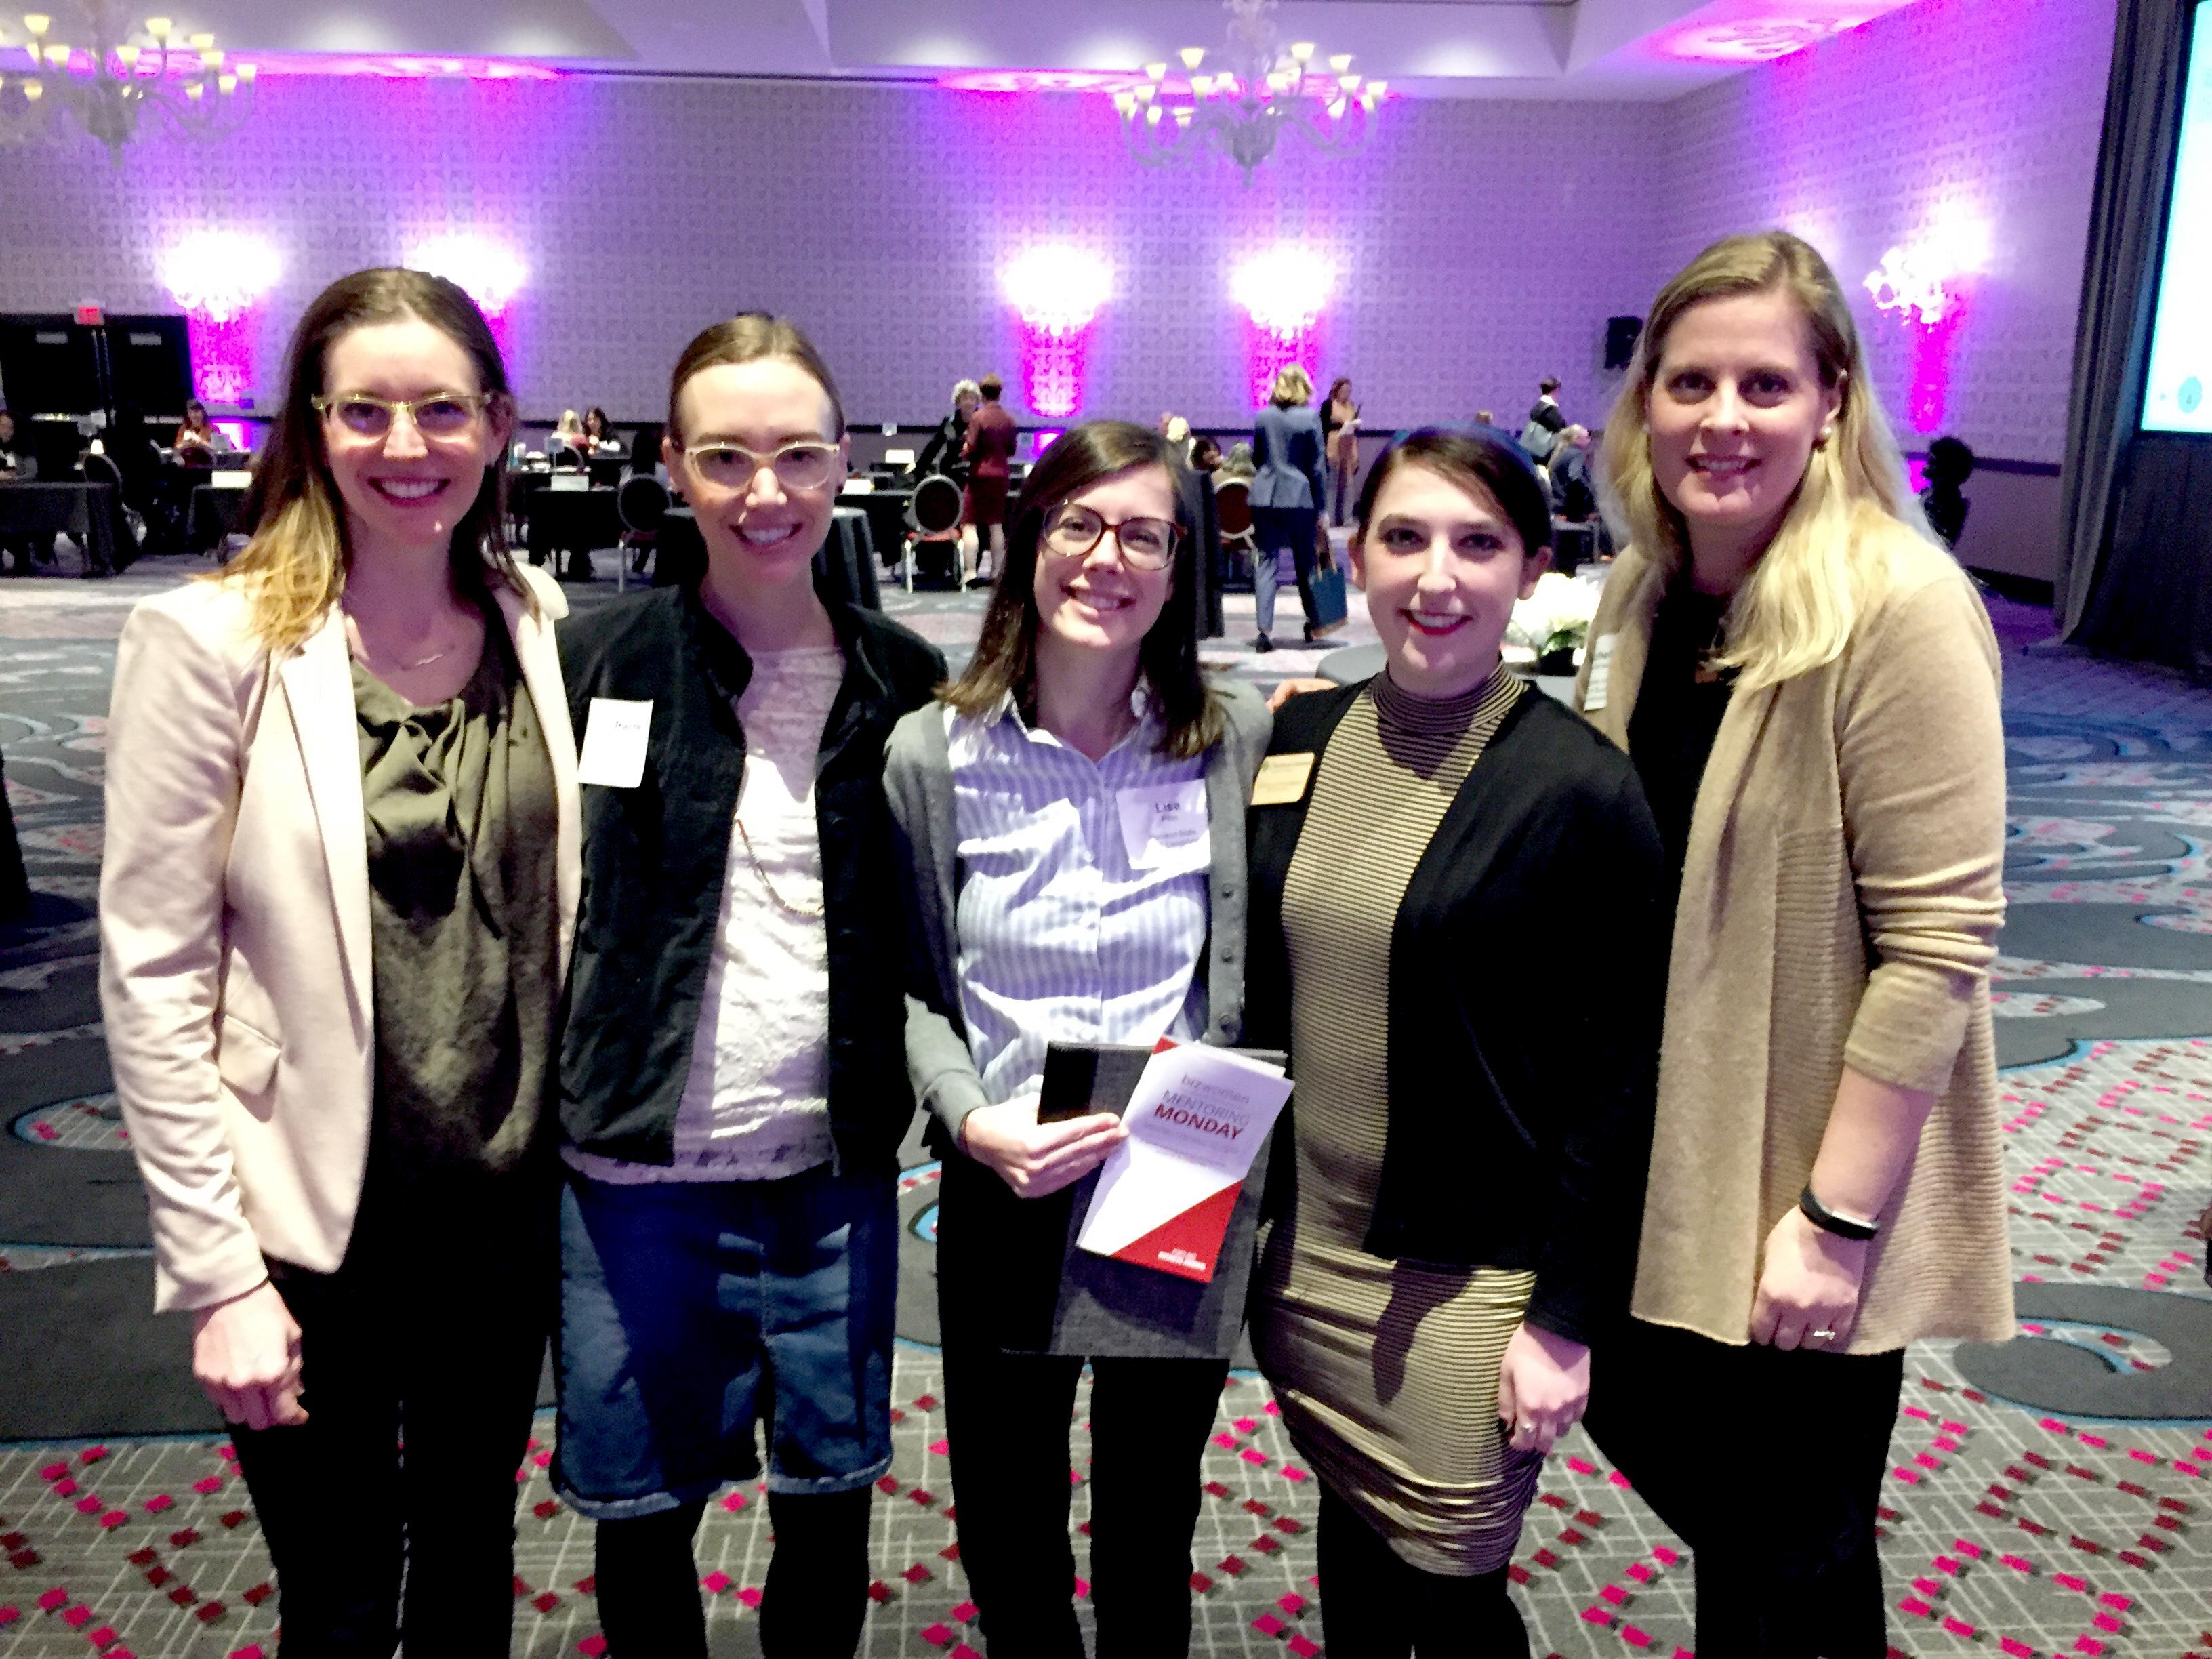 Kristin Culpepper, Rachel Mattenberger, Lisa Pitt, Ariella Frishberg, and Tichelle Sorensen